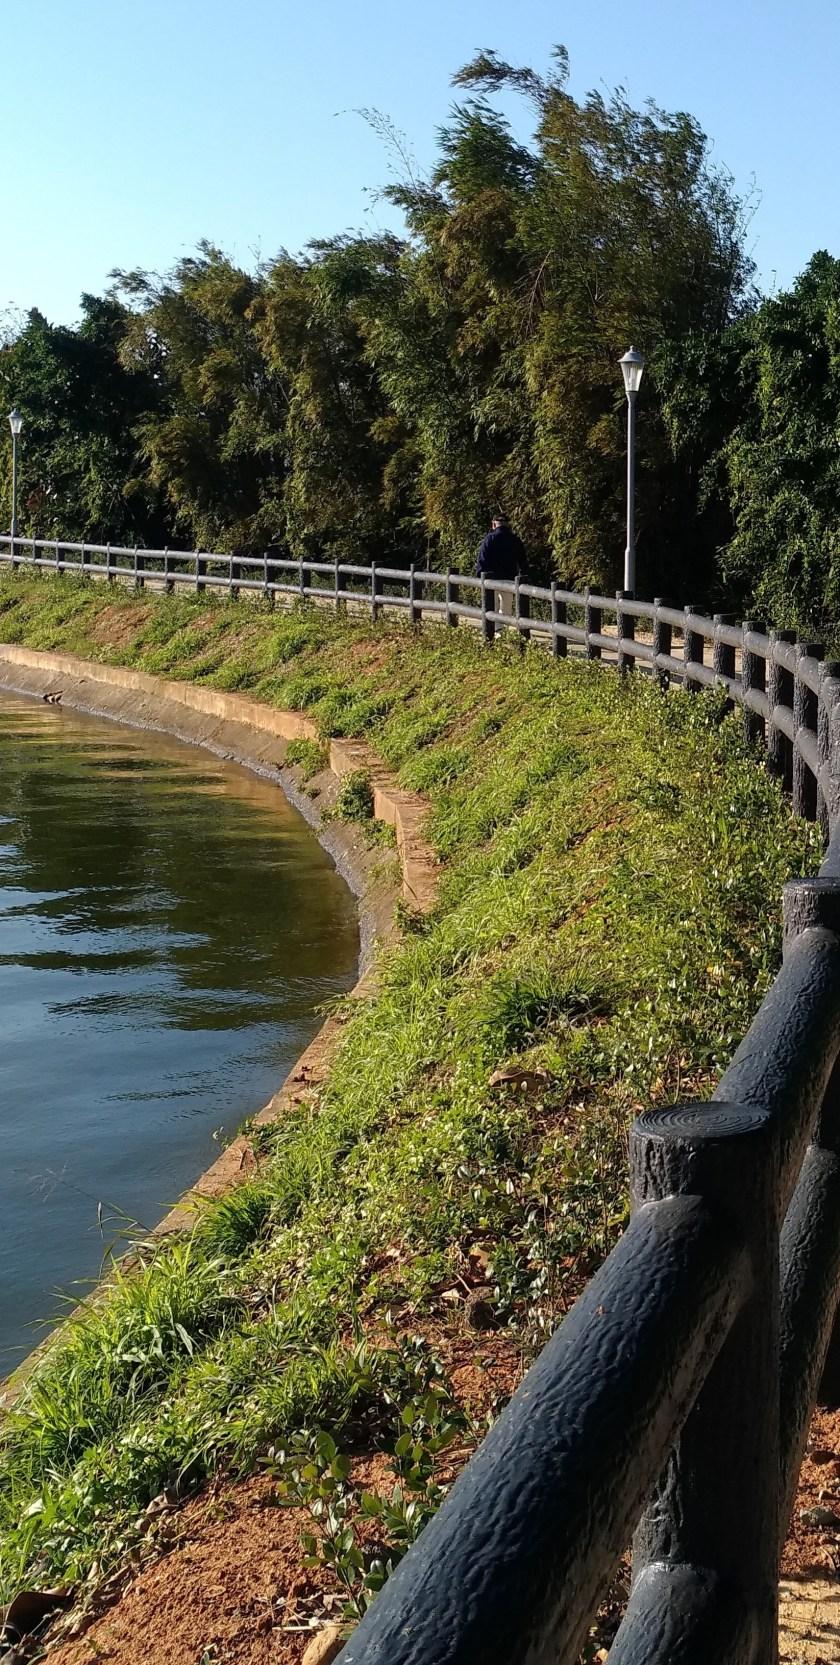 蓮荷園休閒農場 的附近有一個名為「公埤」的塘埤